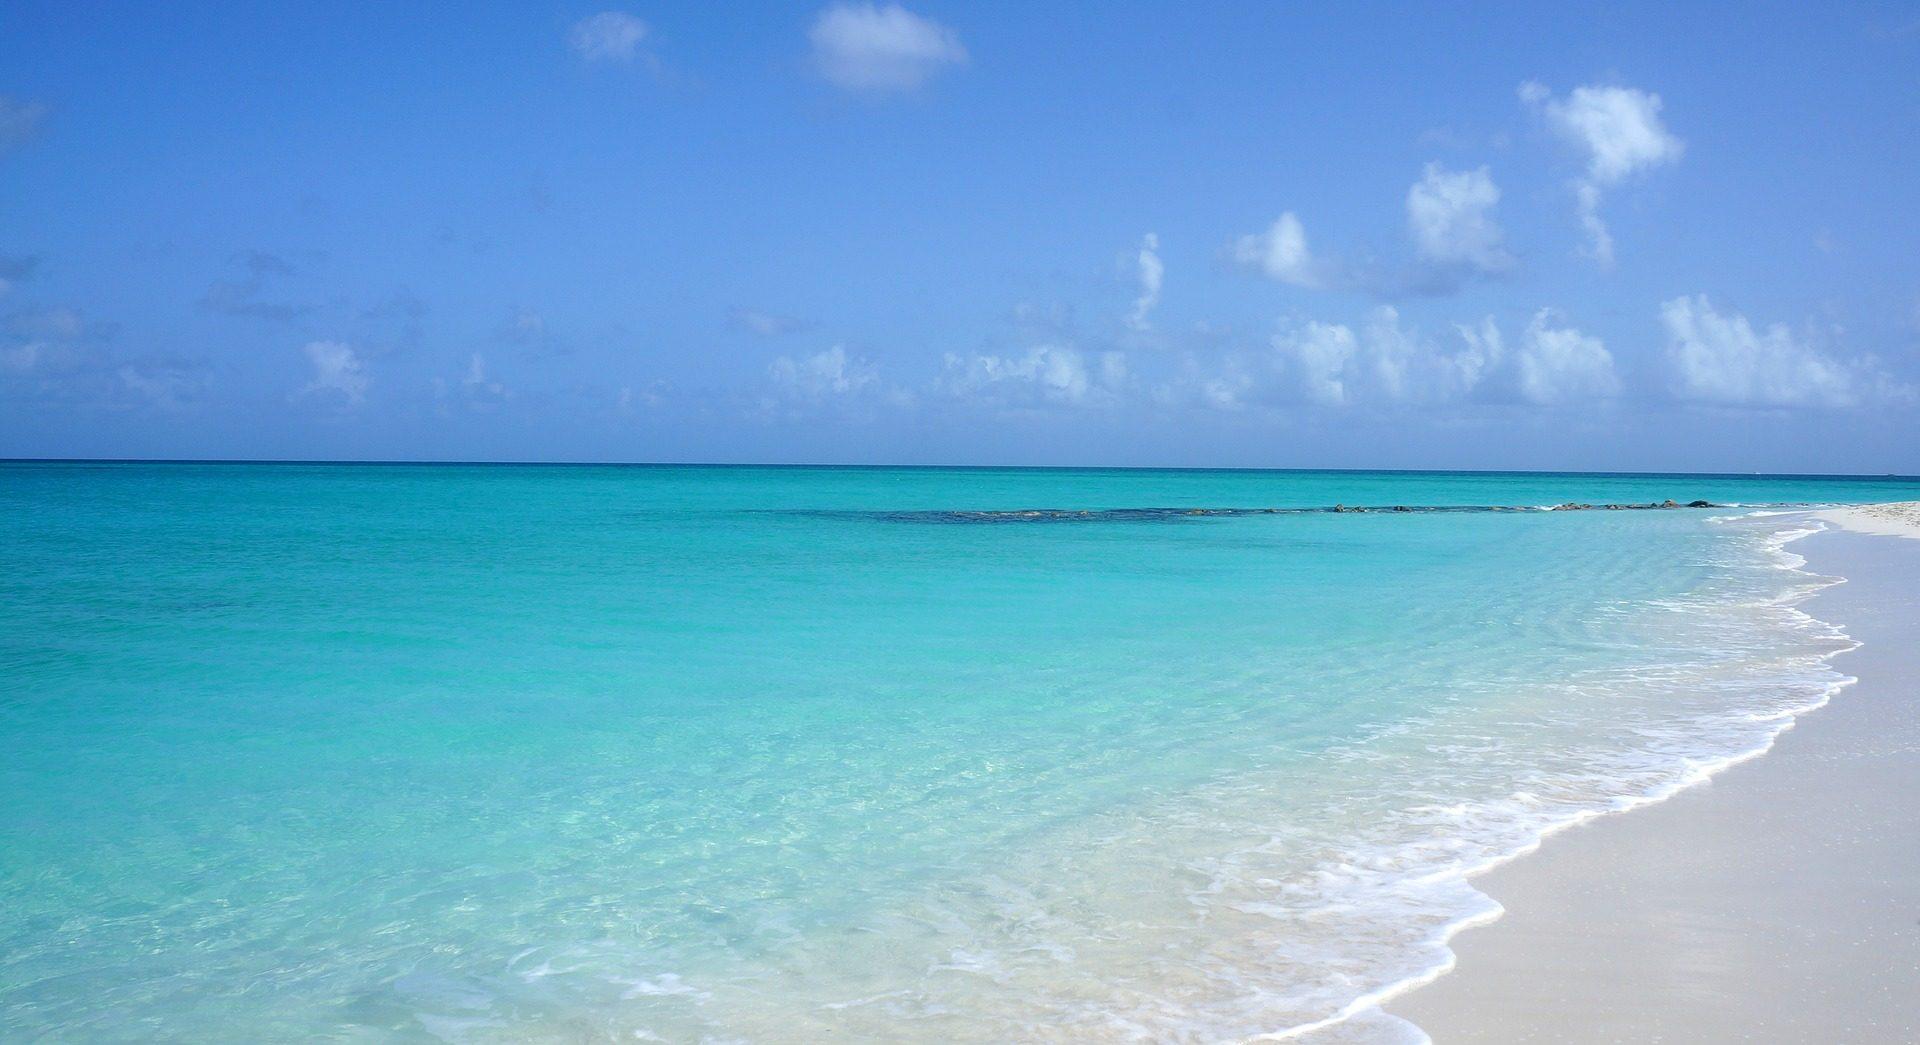 海滩, 绿松石, 天空, 云彩, 放松, 绦虫 - 高清壁纸 - 教授-falken.com